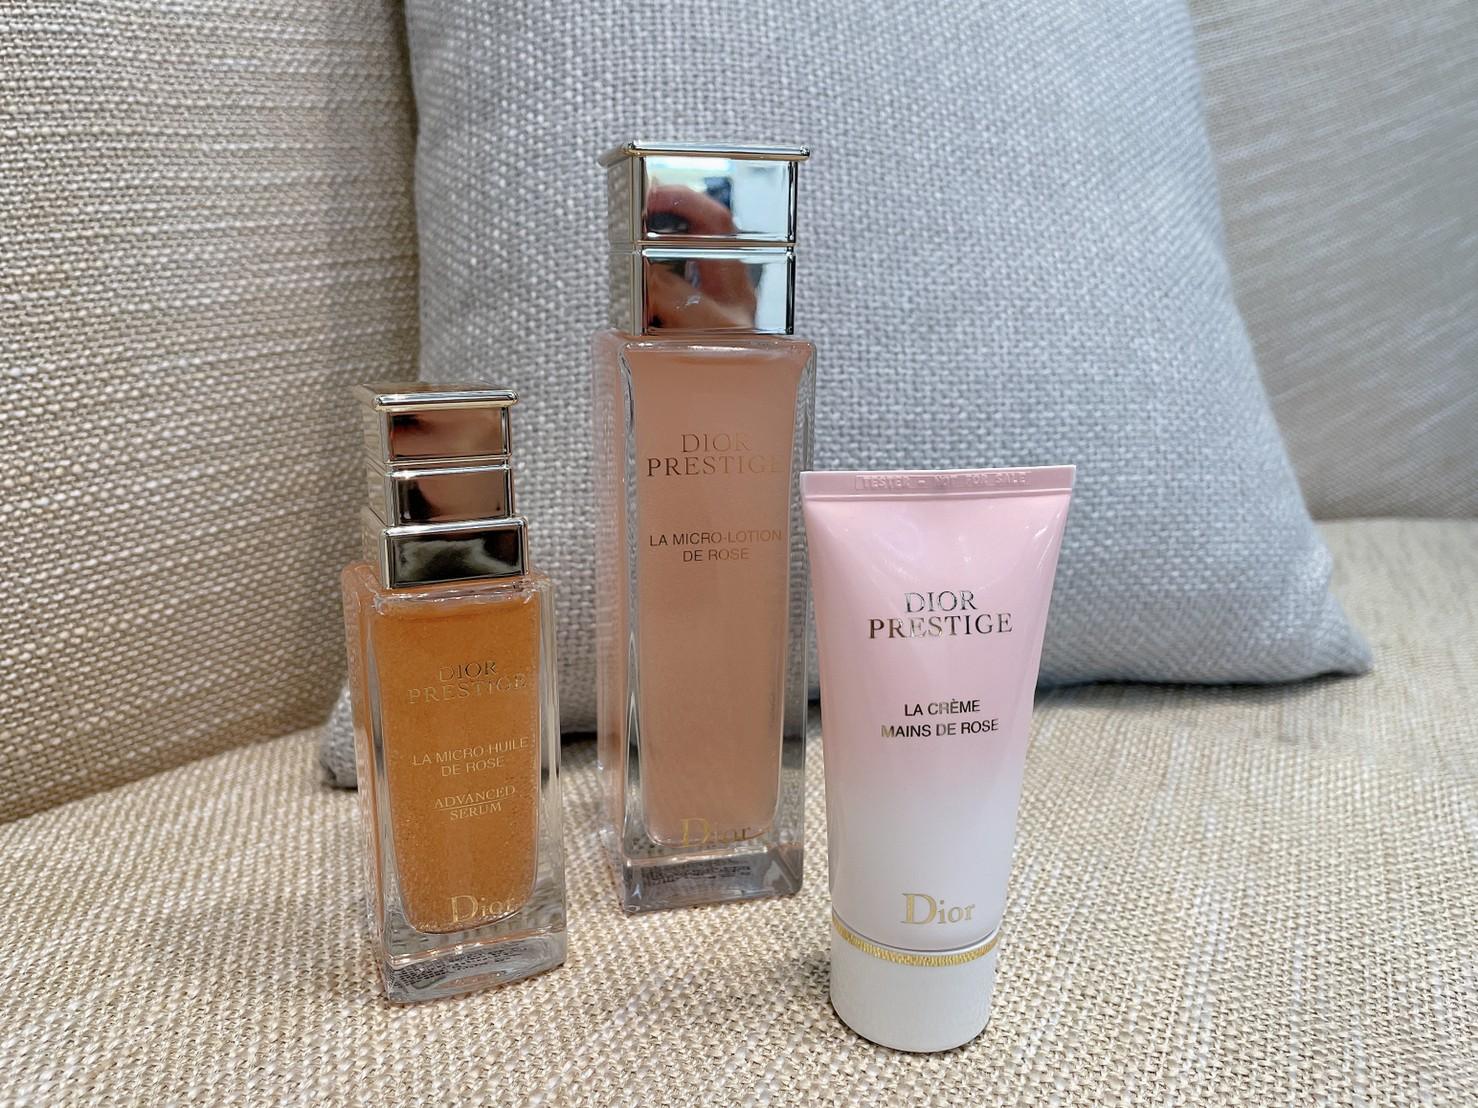 2021護手霜推薦Dior!粉紅玫瑰花蜜變身護手霜,手部保養安瓶是它-0